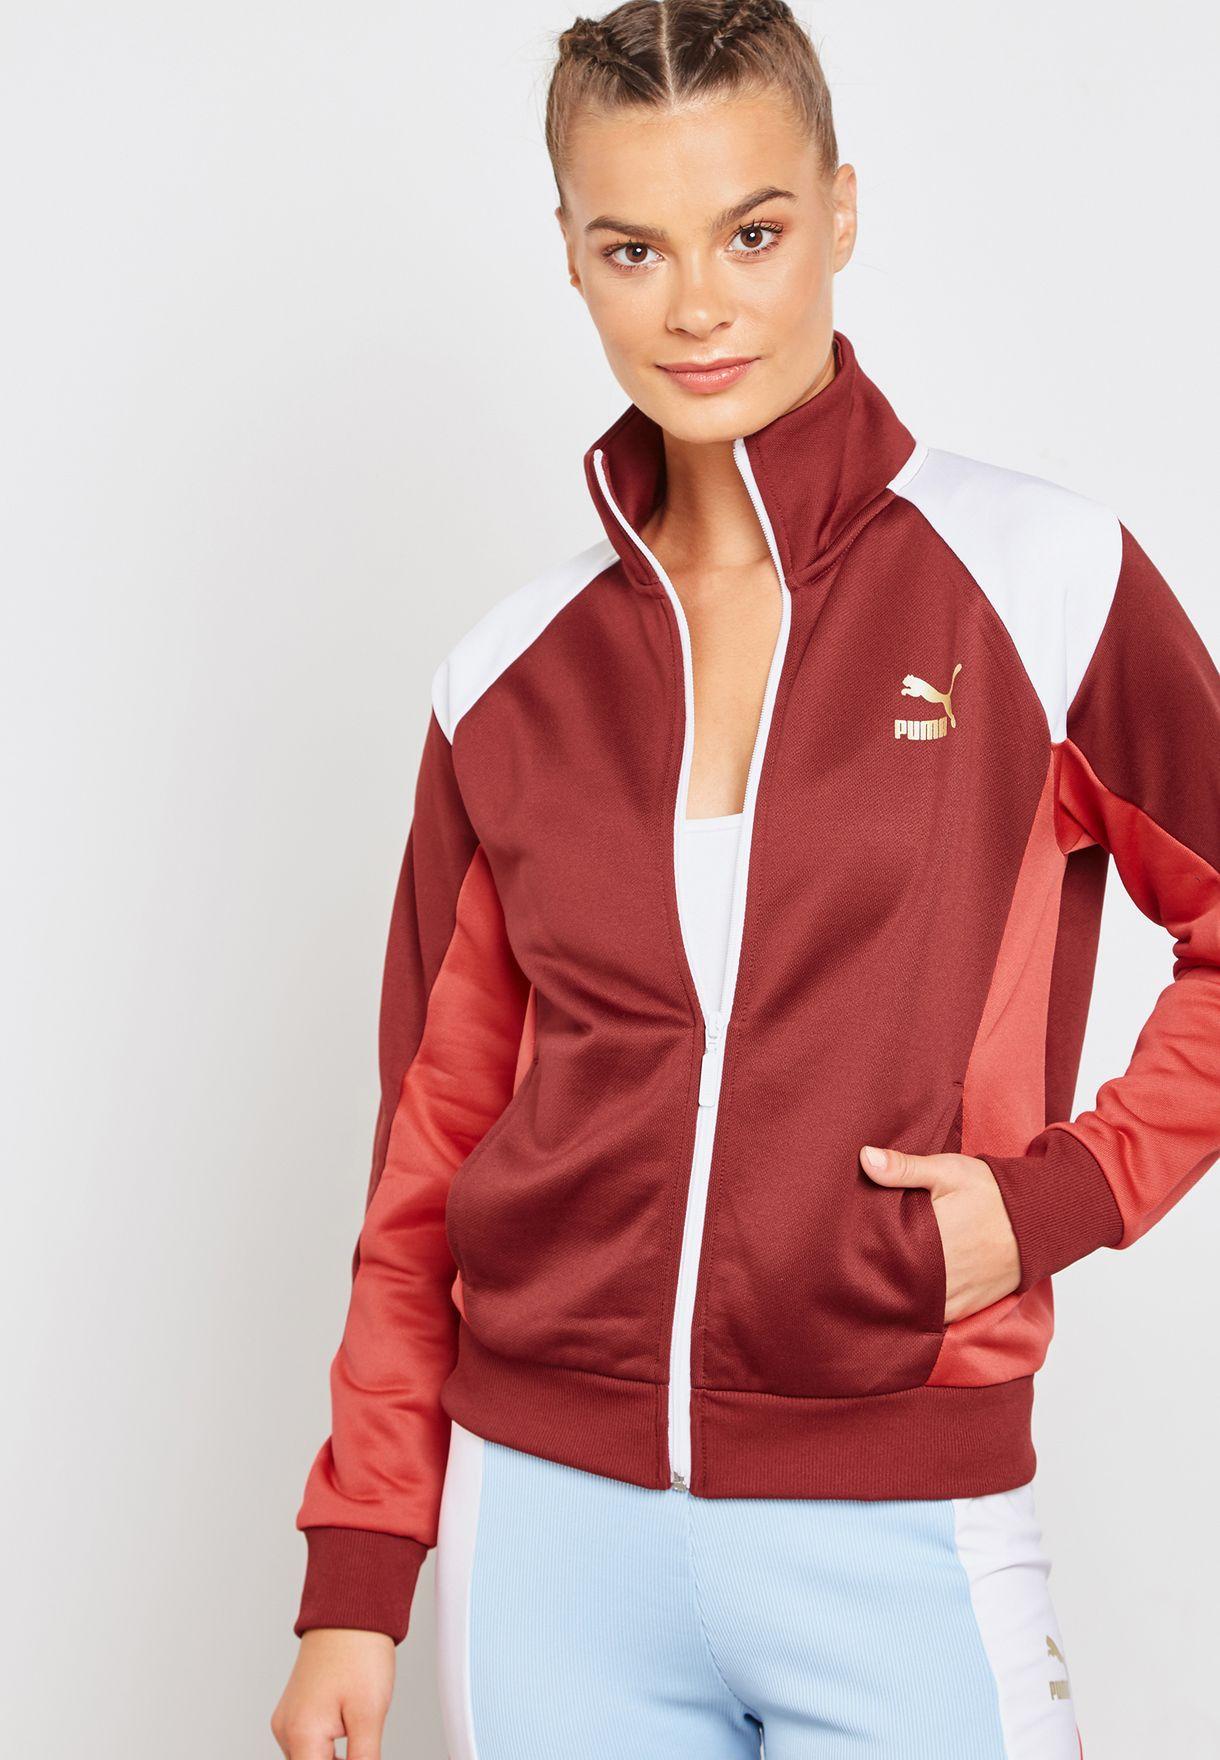 f296f327fbf8 Shop PUMA burgundy Retro Track Jacket 57651118 for Women in UAE ...